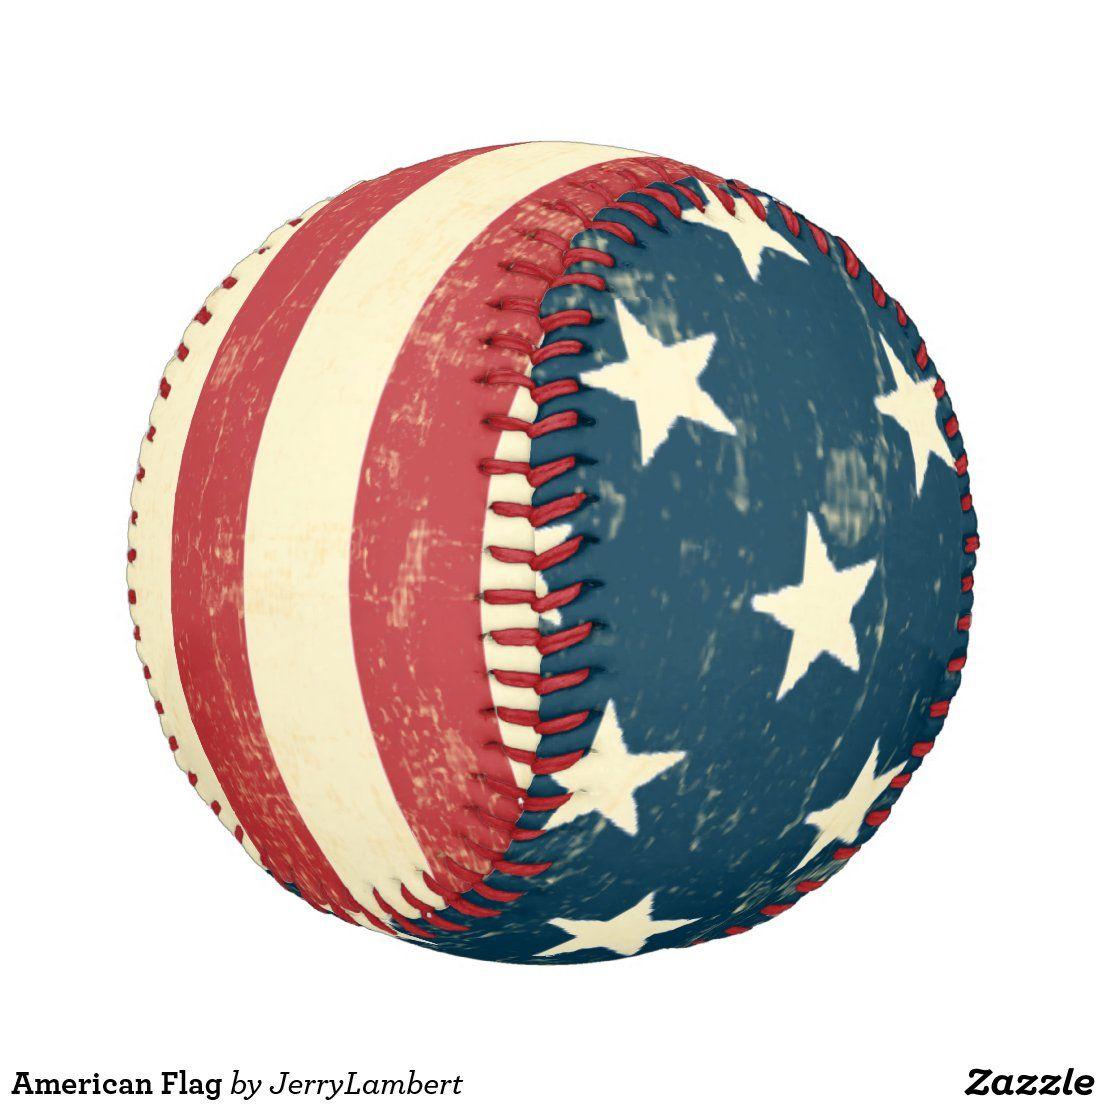 American Flag Baseball American Flag Wood American Flag Wall Art Wooden American Flag Decor